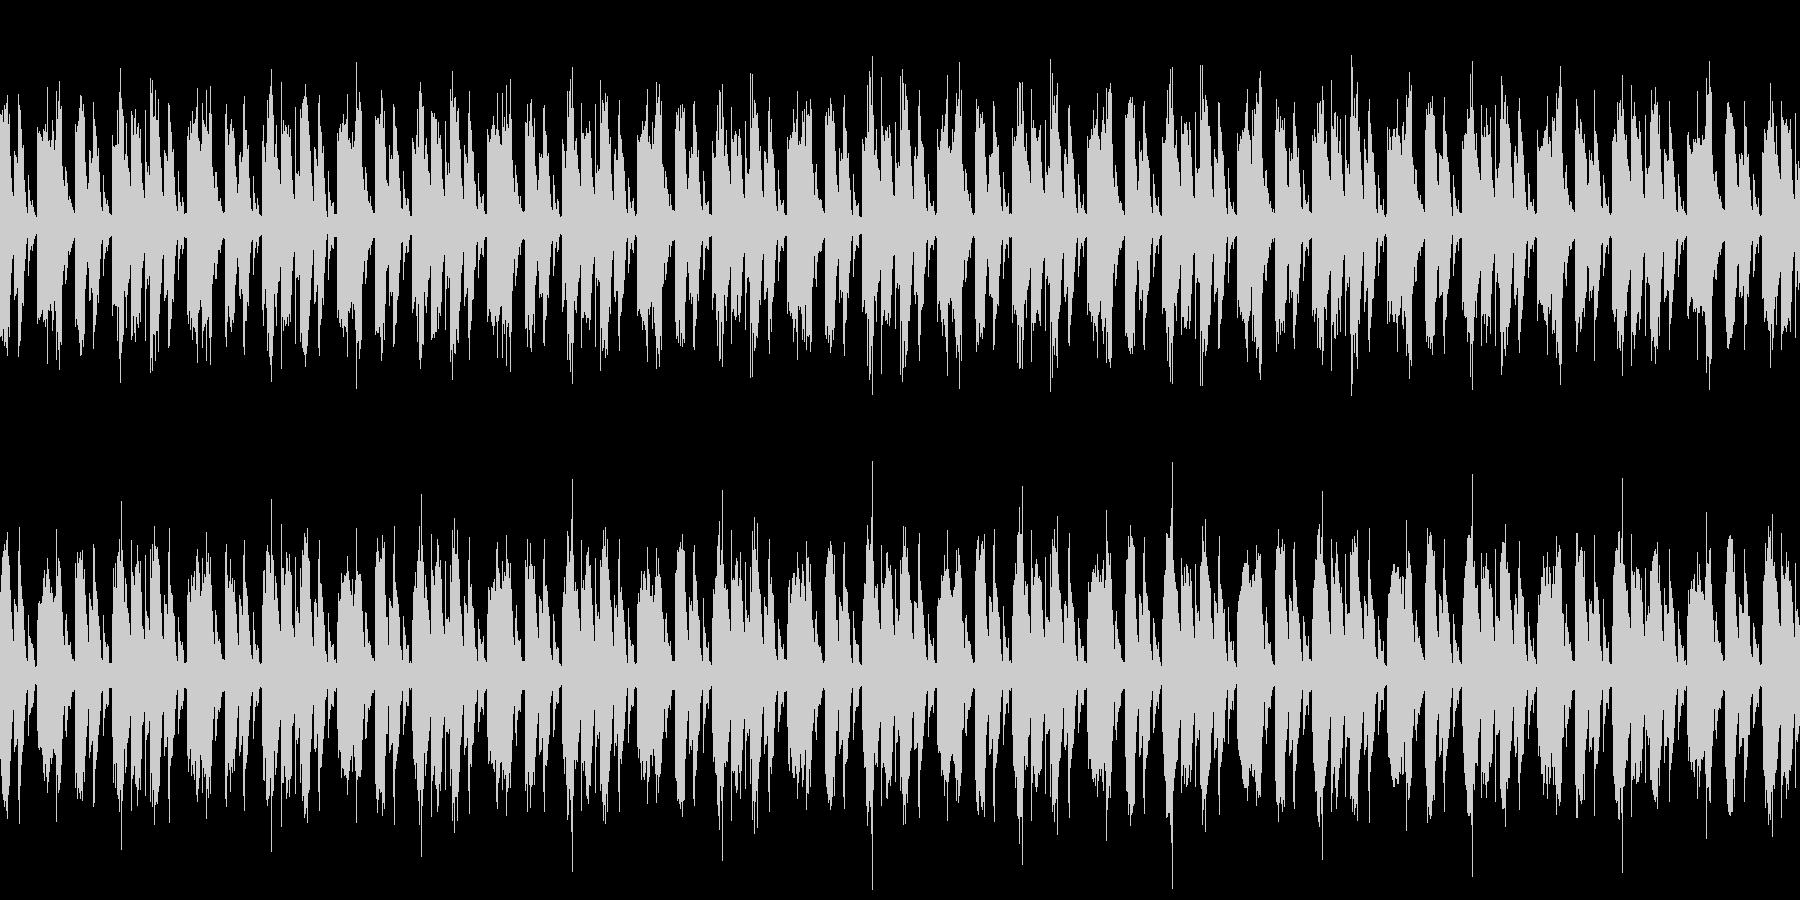 EDM系のLoop楽曲の未再生の波形